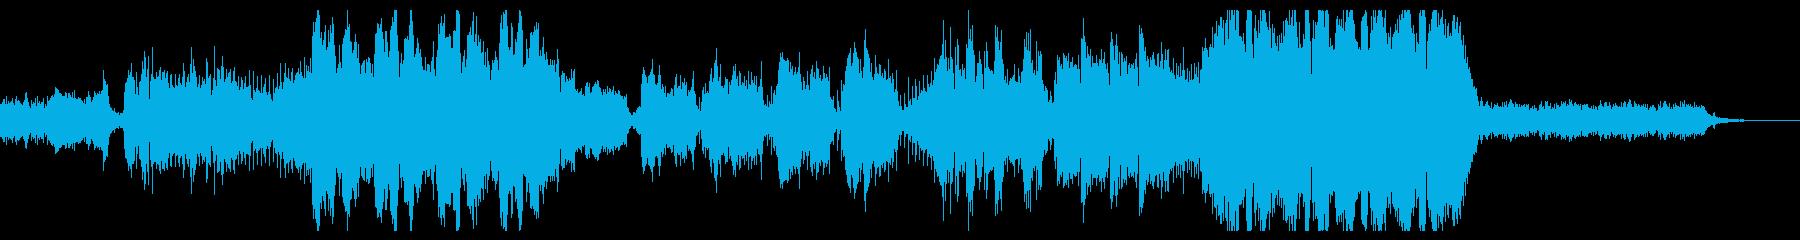 三部構成・オーケストラの感動的なバラードの再生済みの波形